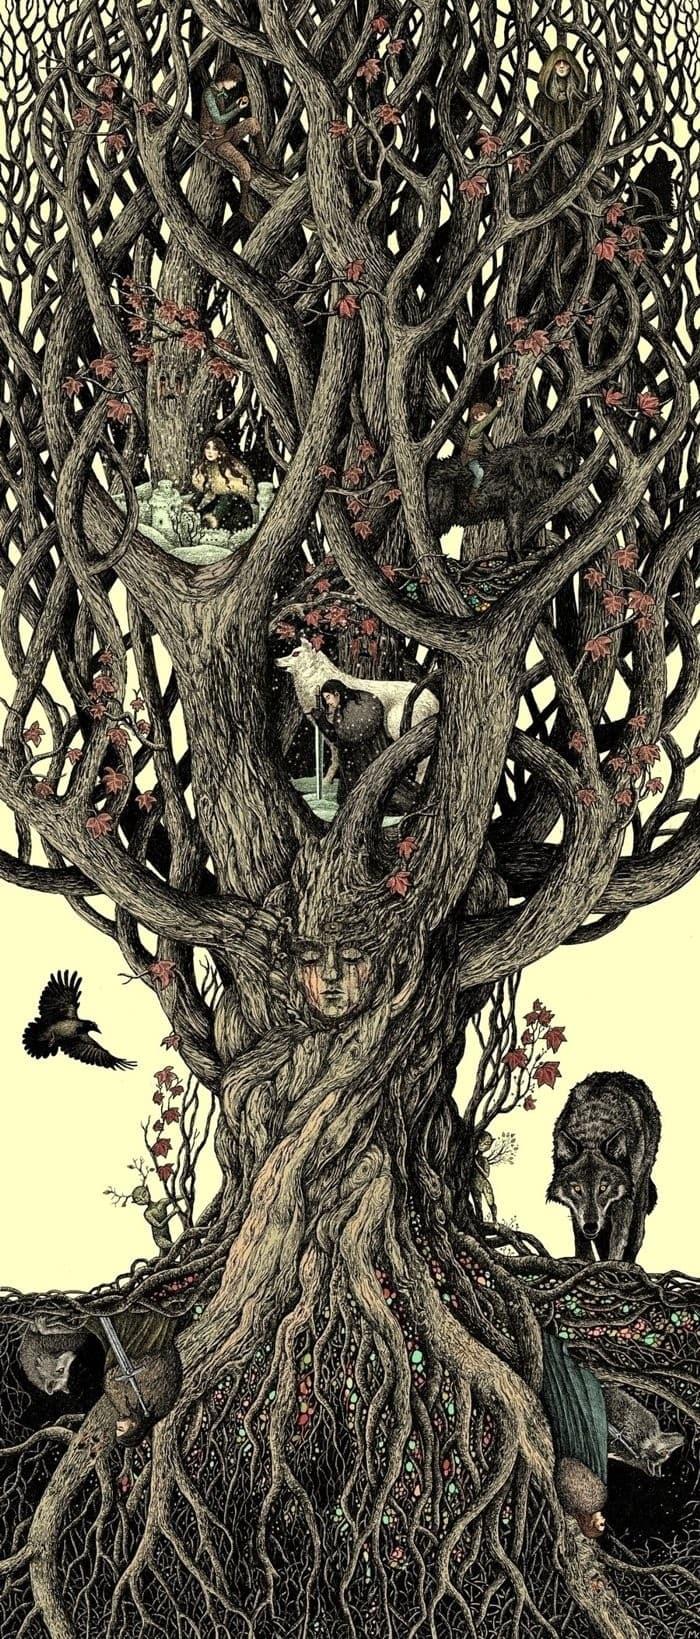 ilustraciones cuentos de hadas y fantasia (4)